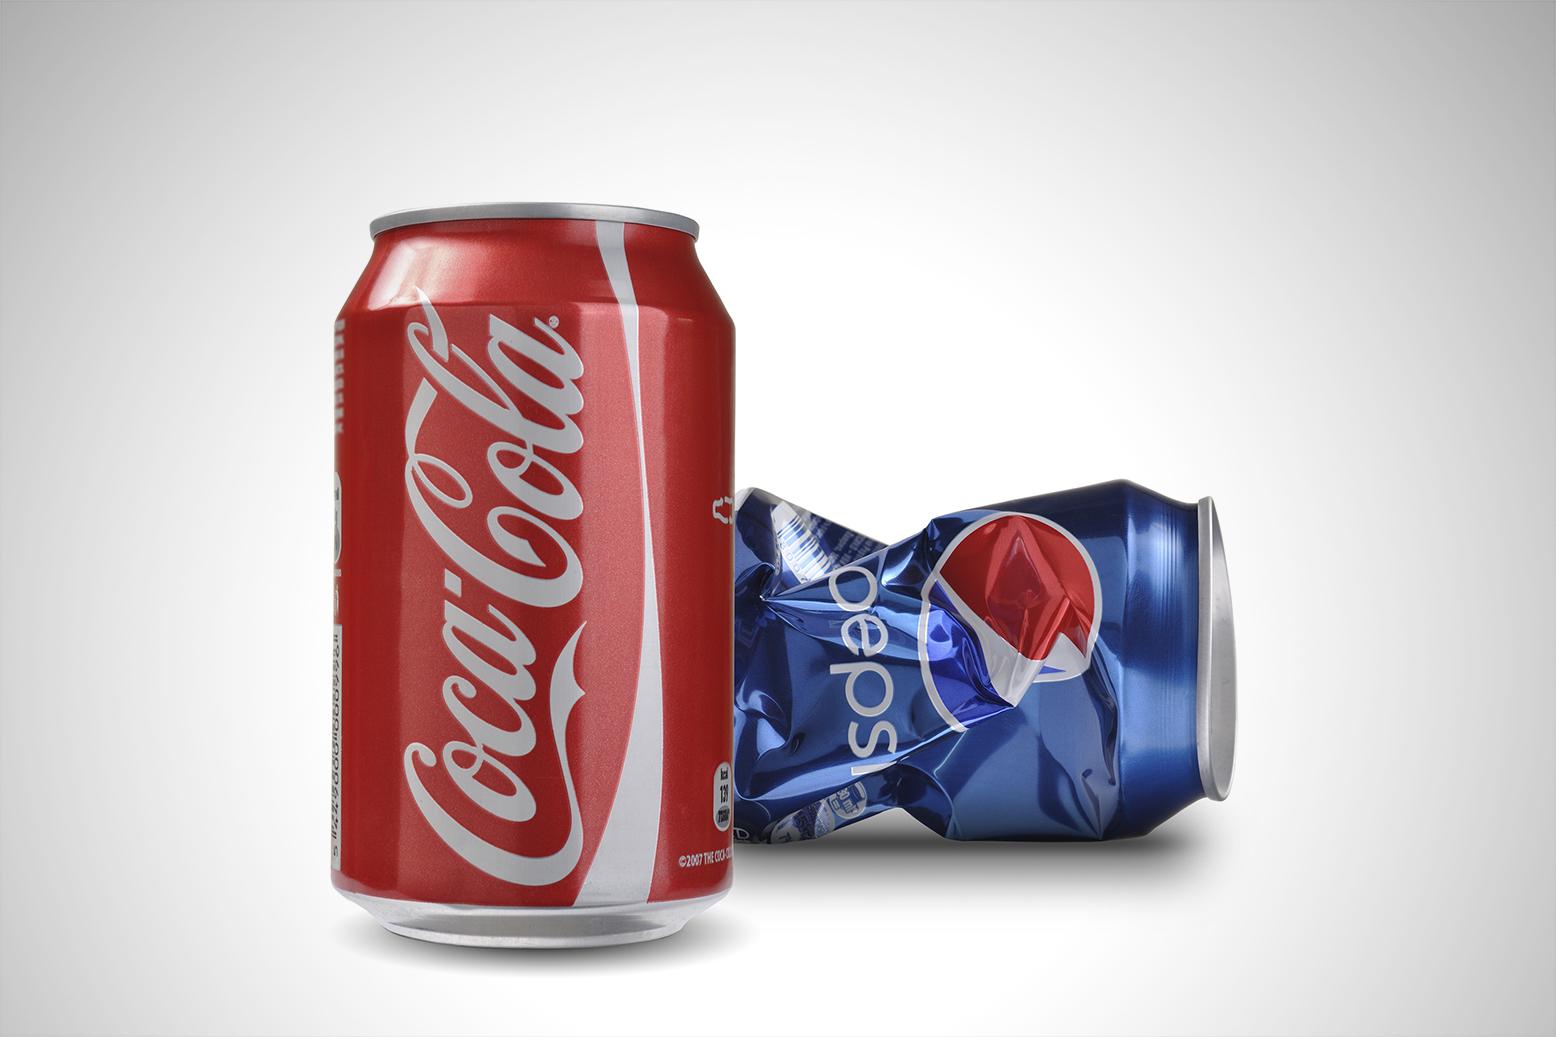 Những ngày kinh hoàng trong lịch sử của Pepsi